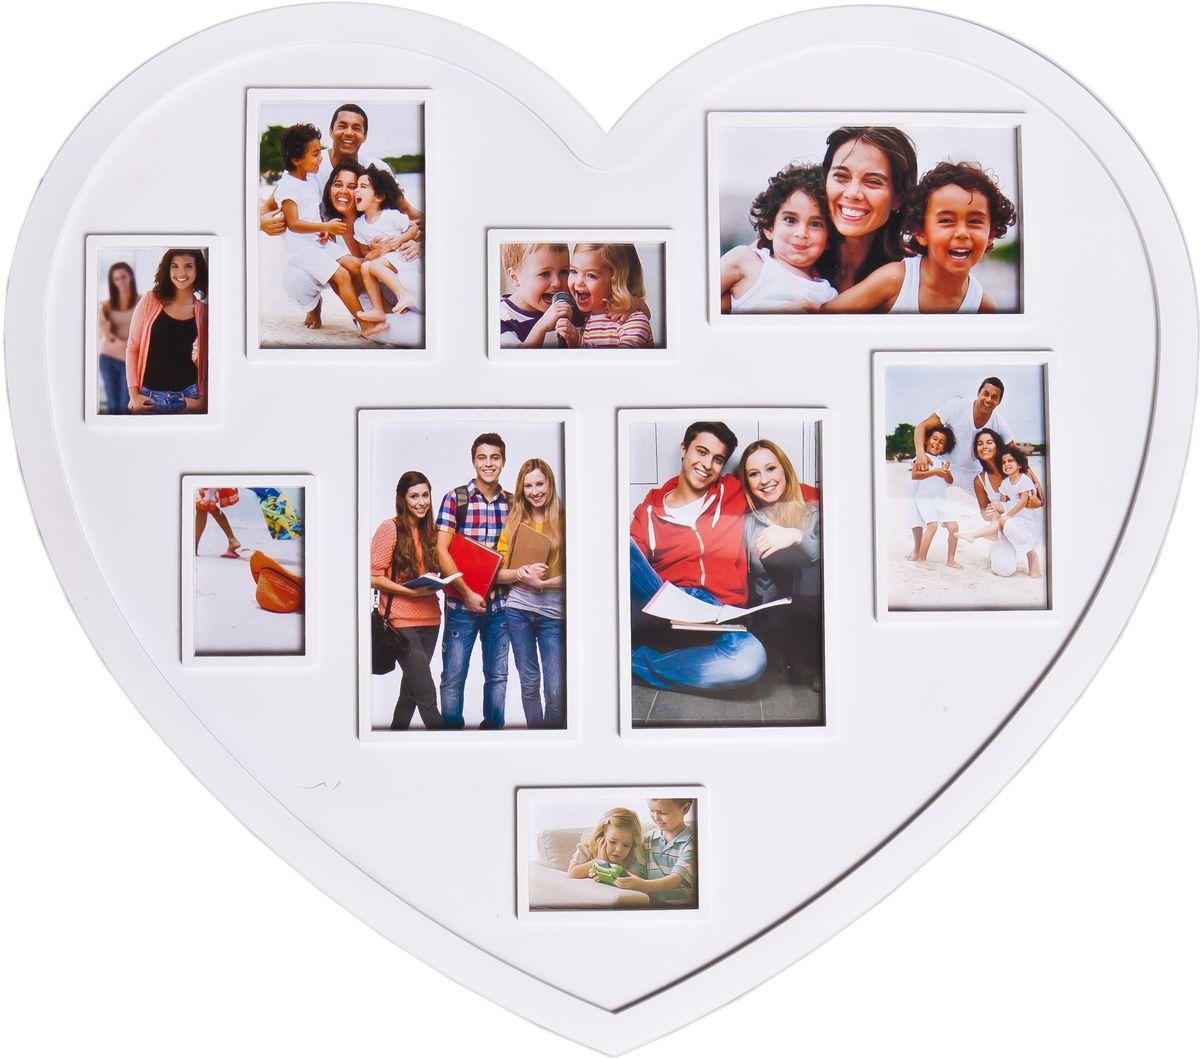 Фоторамка-коллаж Platinum, цвет: белый, на 9 фото фоторамка друзья на 3 фото цвет белый 1262615